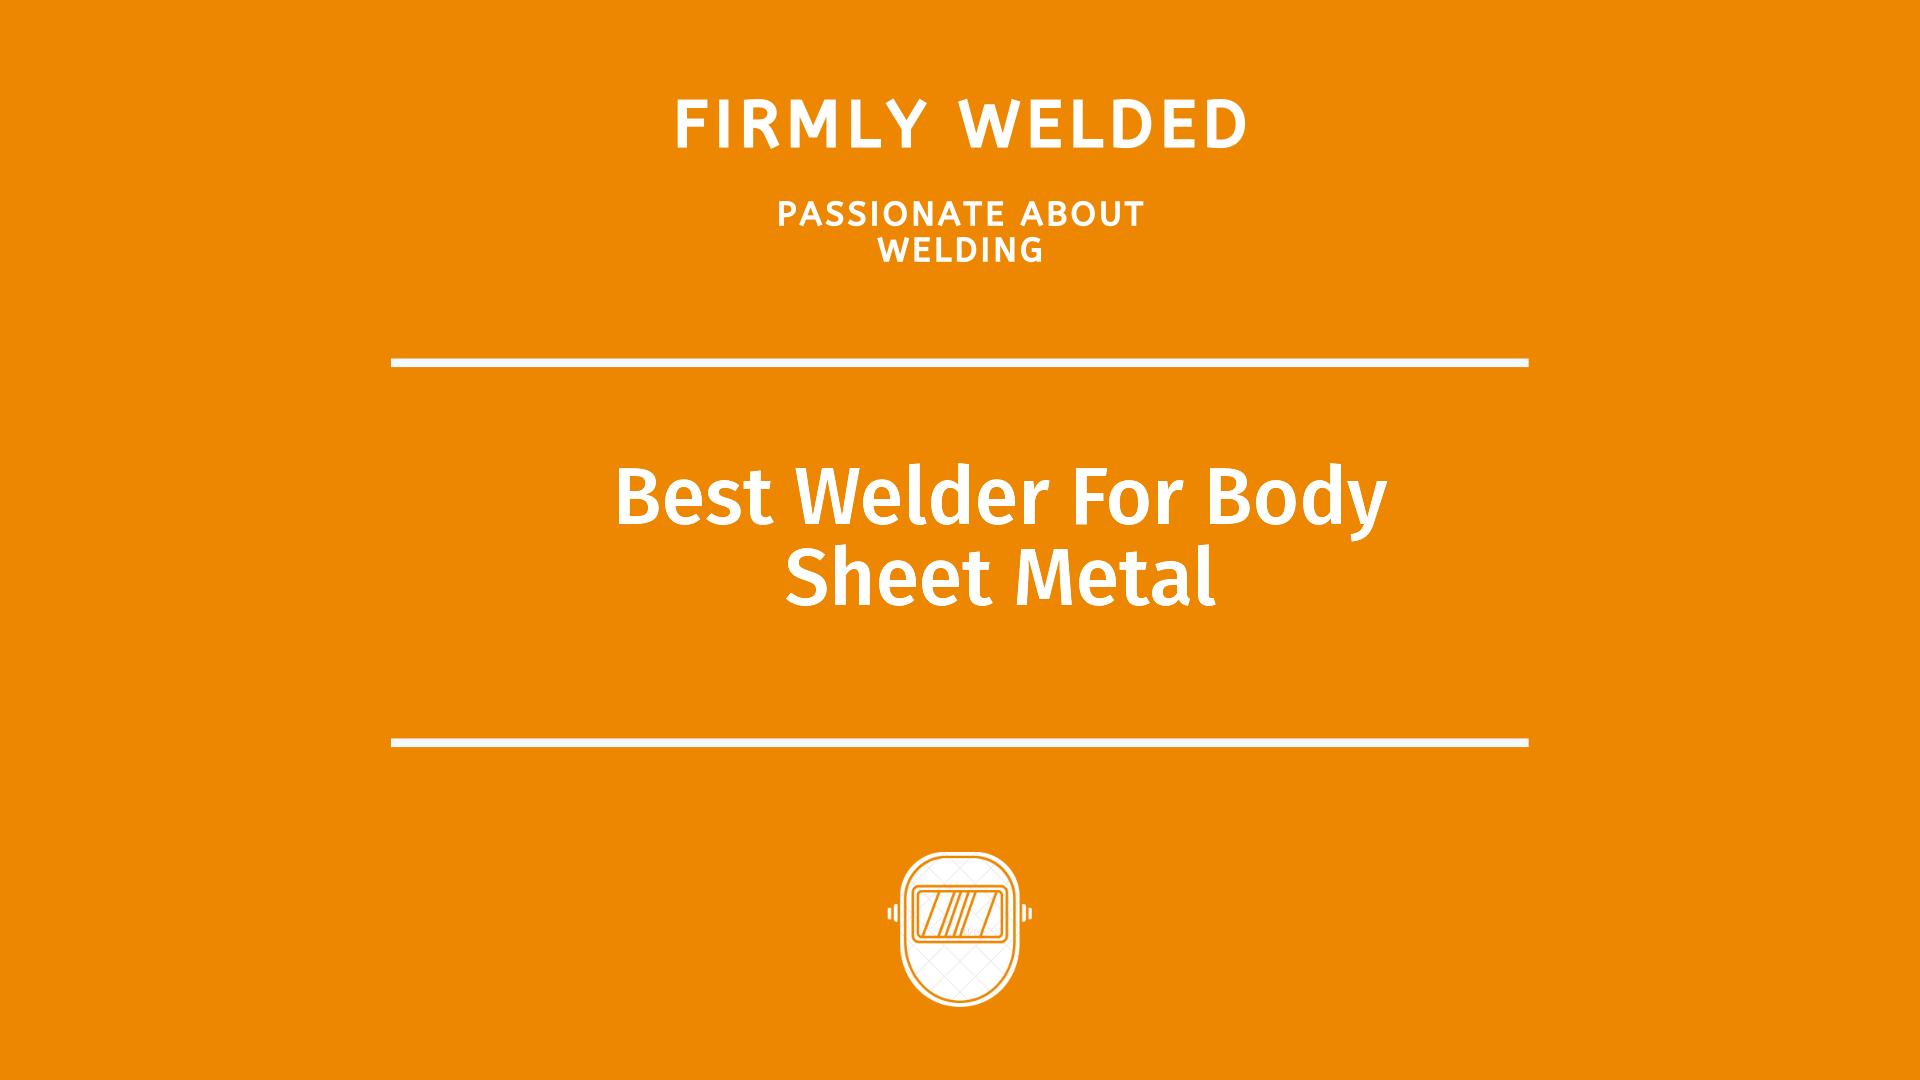 Best Welder For Body Sheet Metal